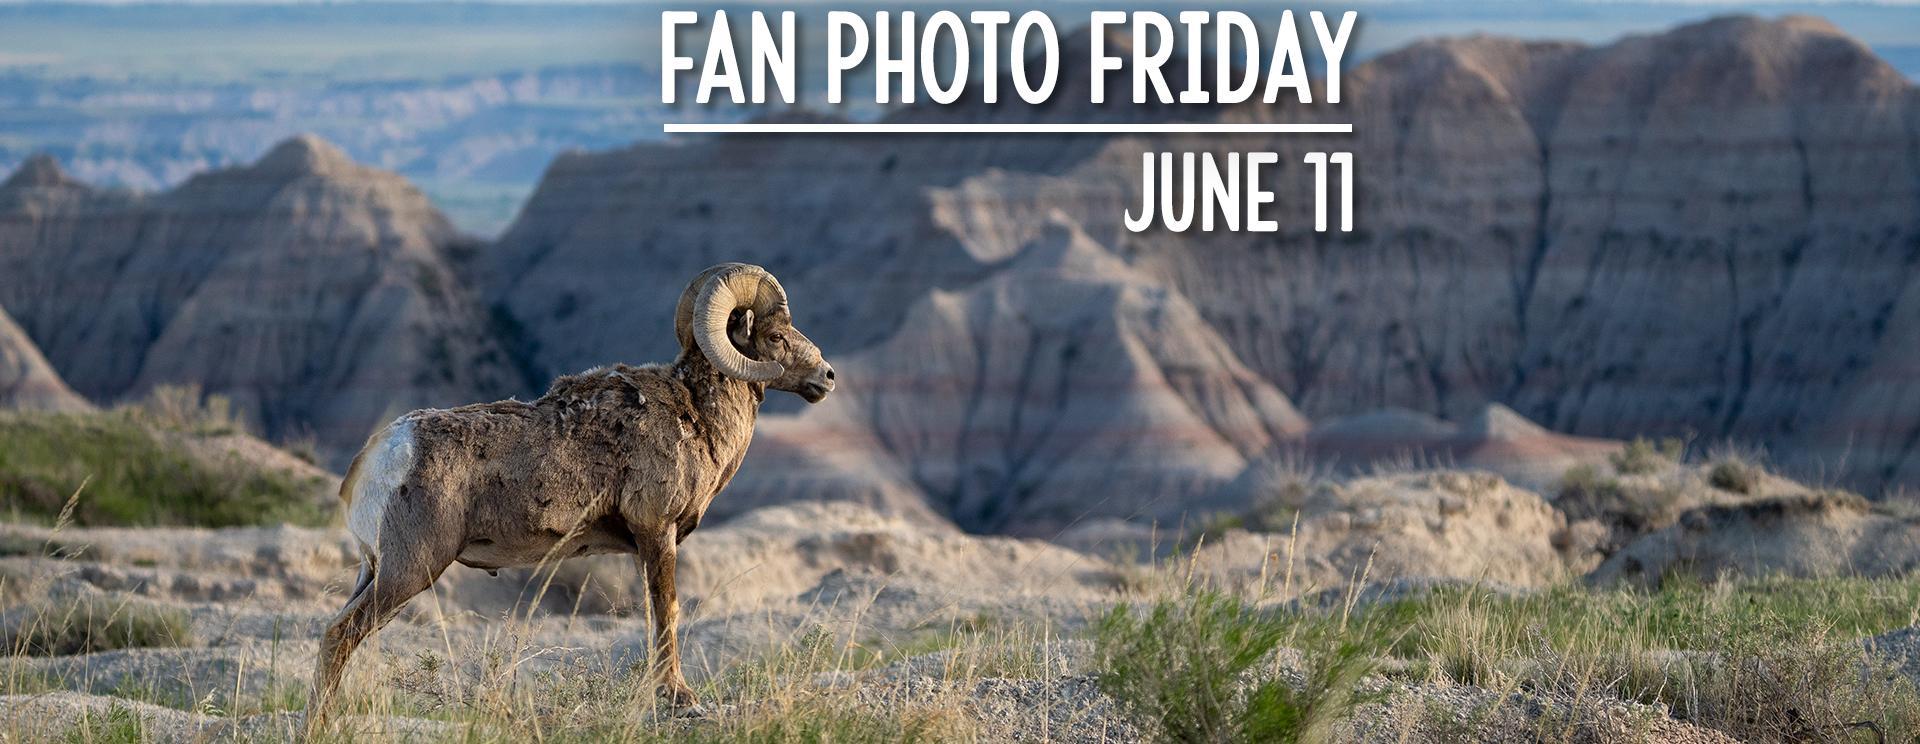 Fan Photo Friday   June 11, 2021